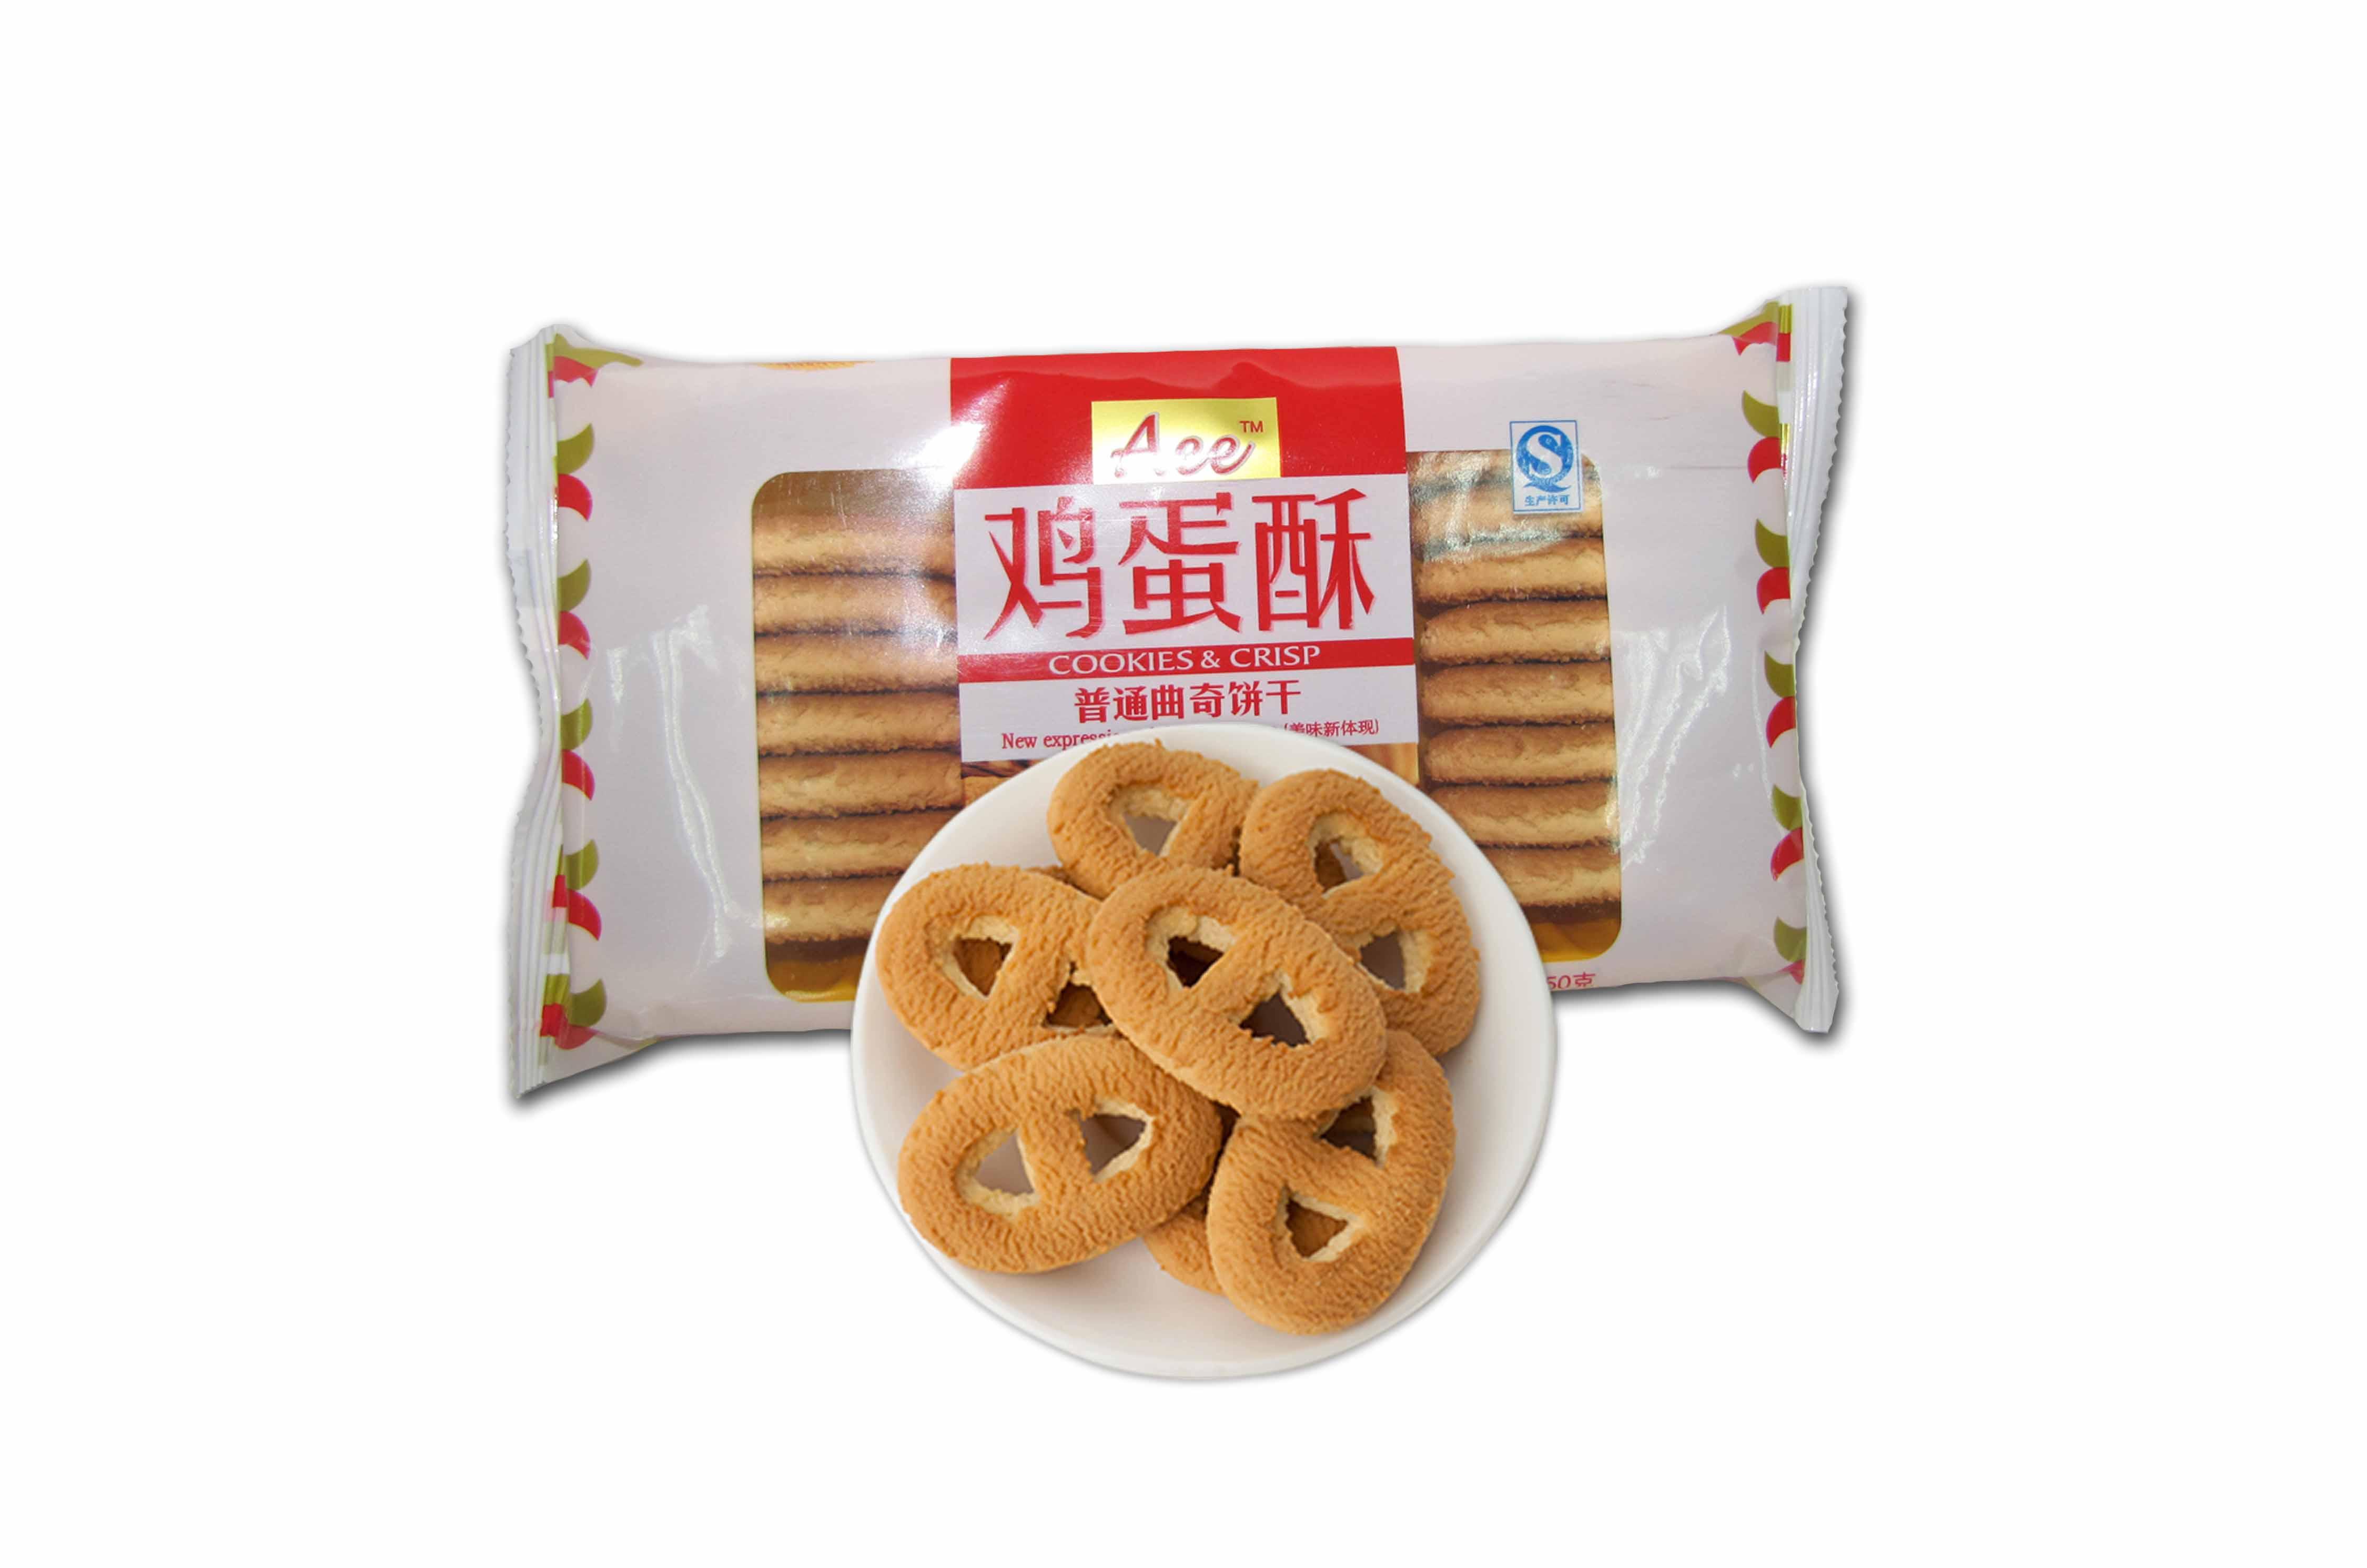 AEE鸡蛋味曲奇饼干(150g)